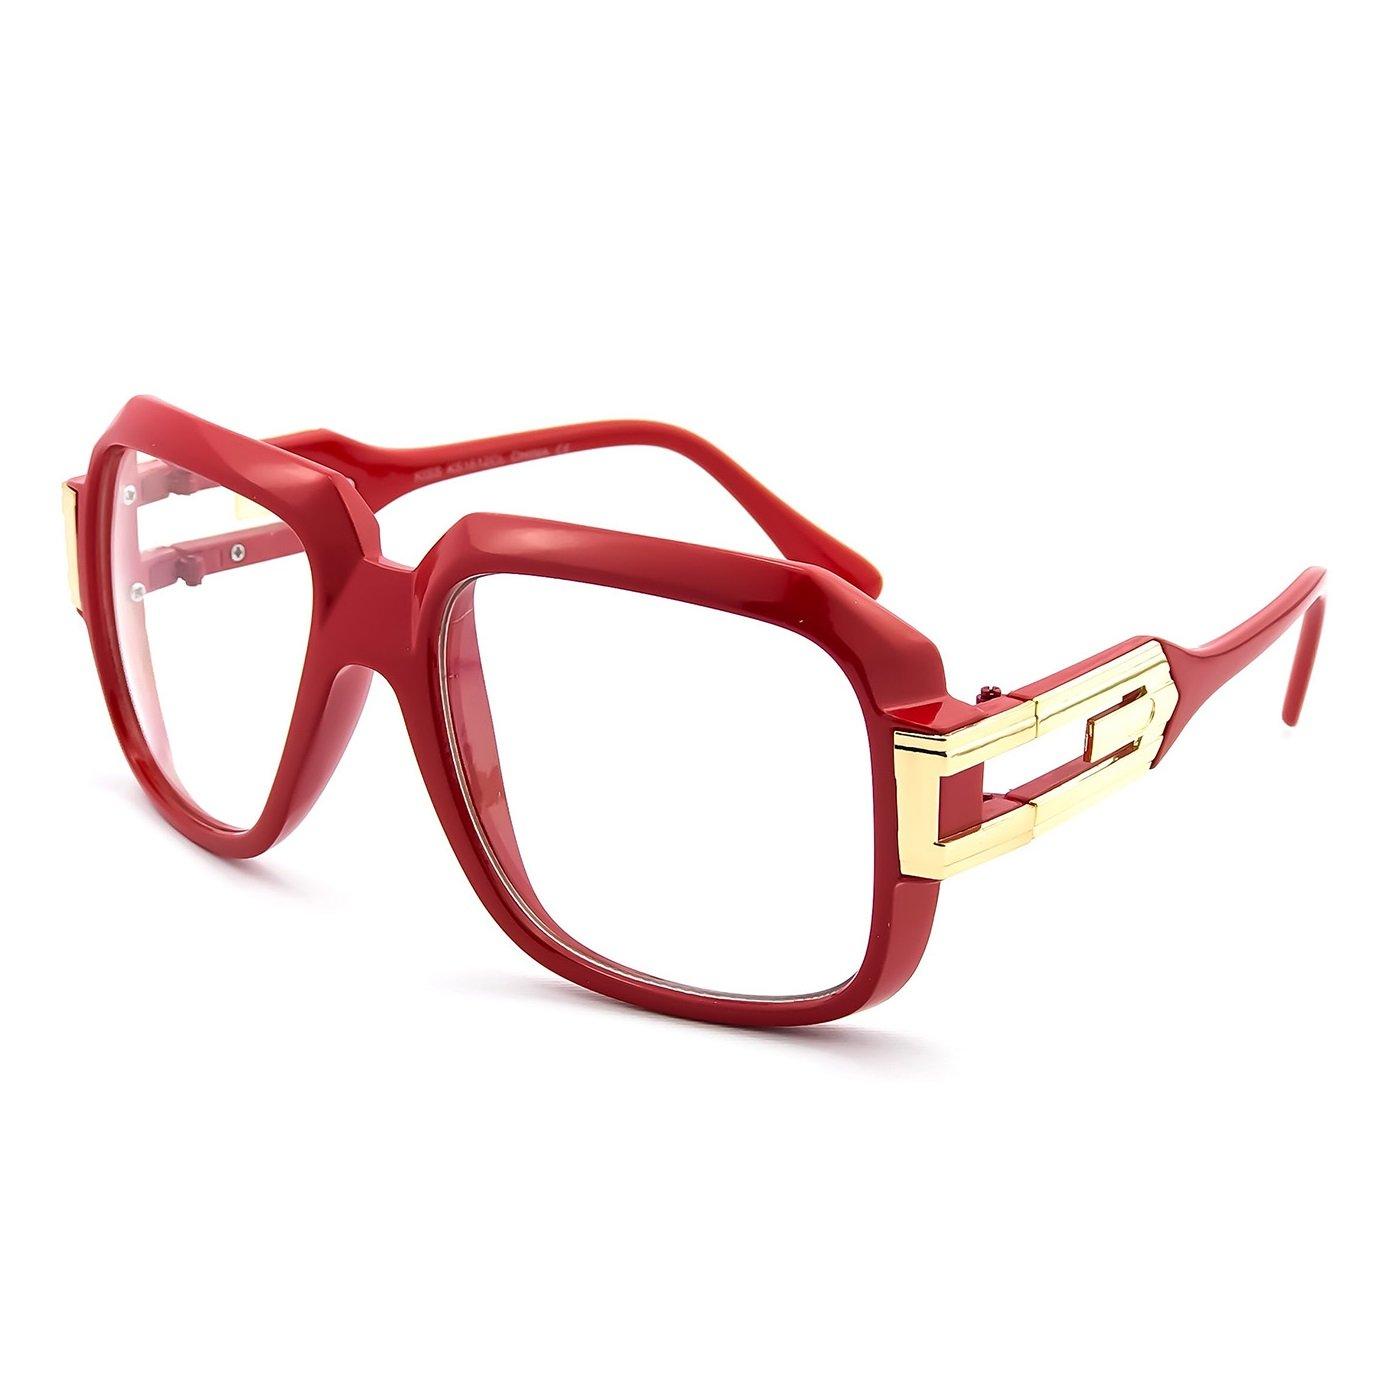 Glasses neutral KISS - OLD SCHOOL mod. BURST - optical frame HIP-HOP man woman VINTAGE PROD1237-NER1555